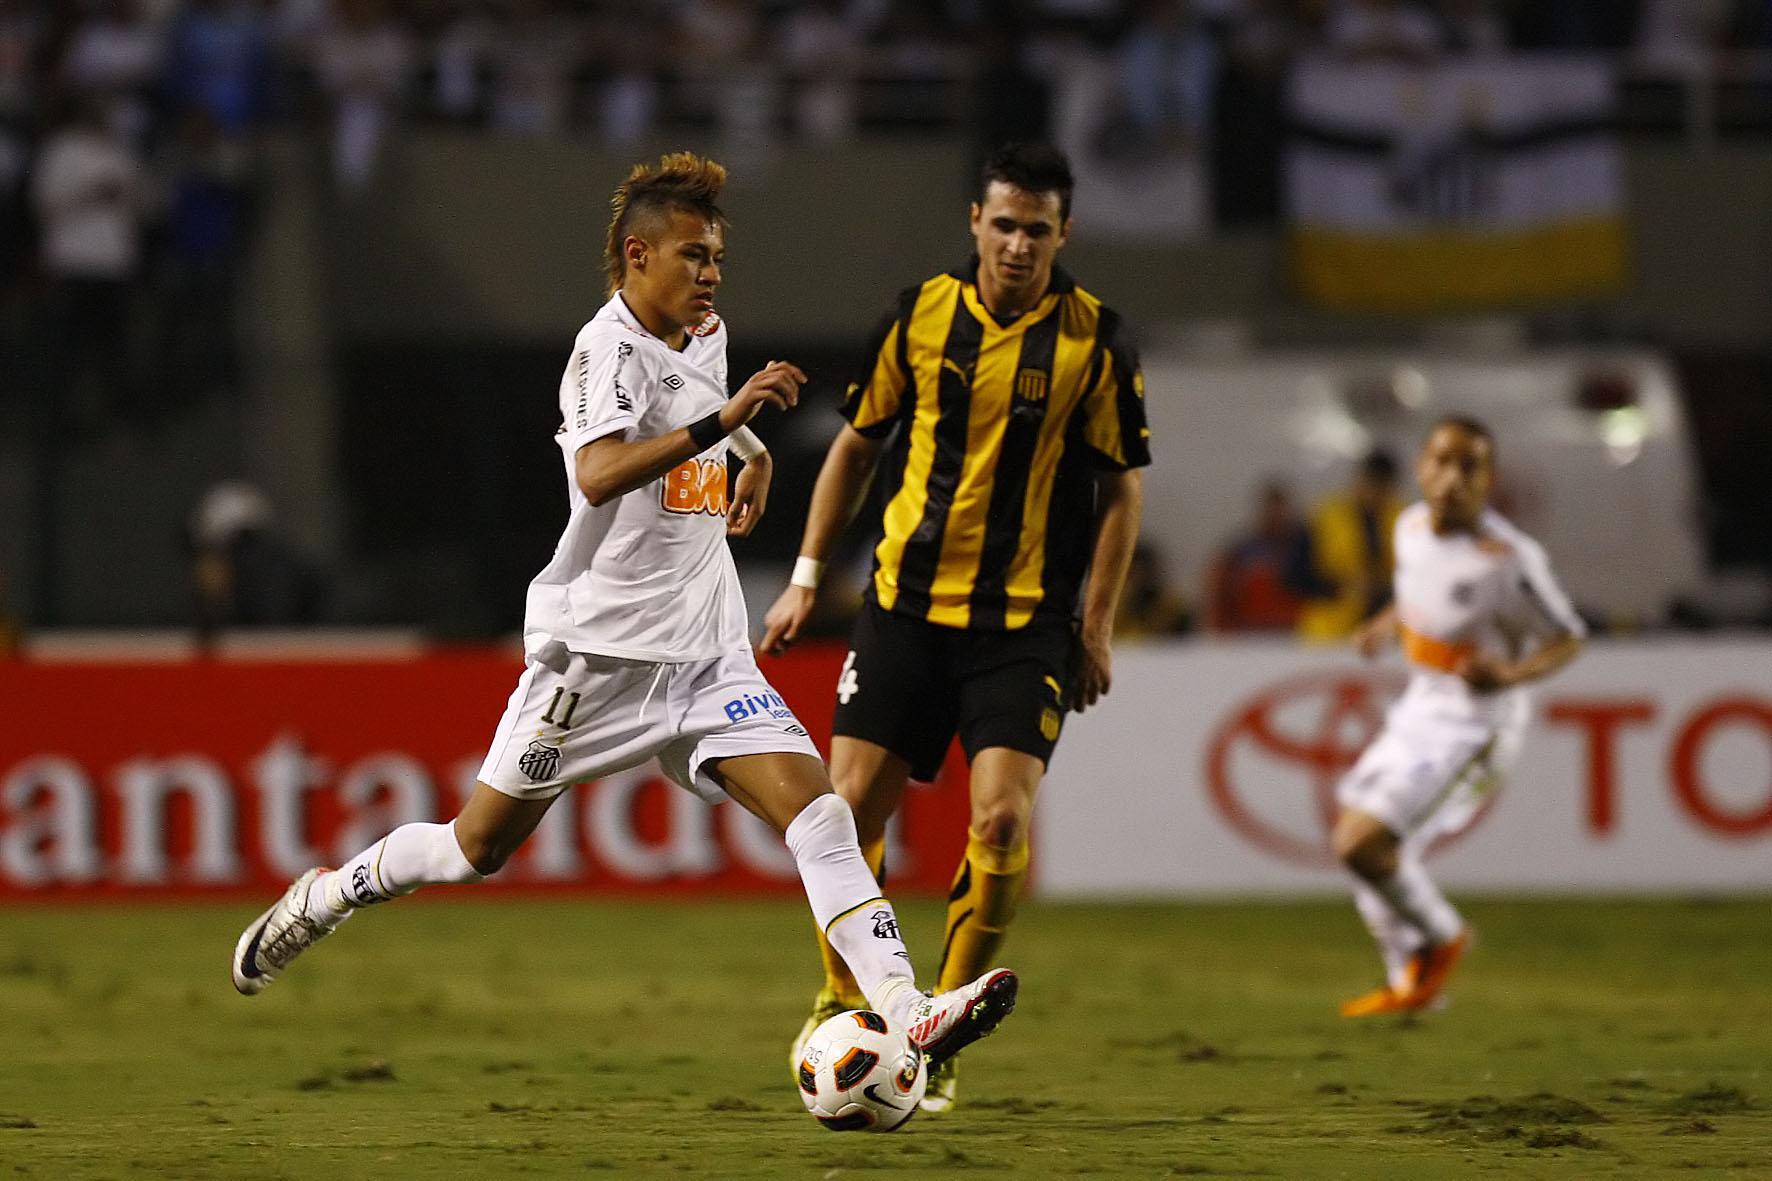 Ao lado de Ganso, Neymar era um dos principais nomes do Santos em 2011